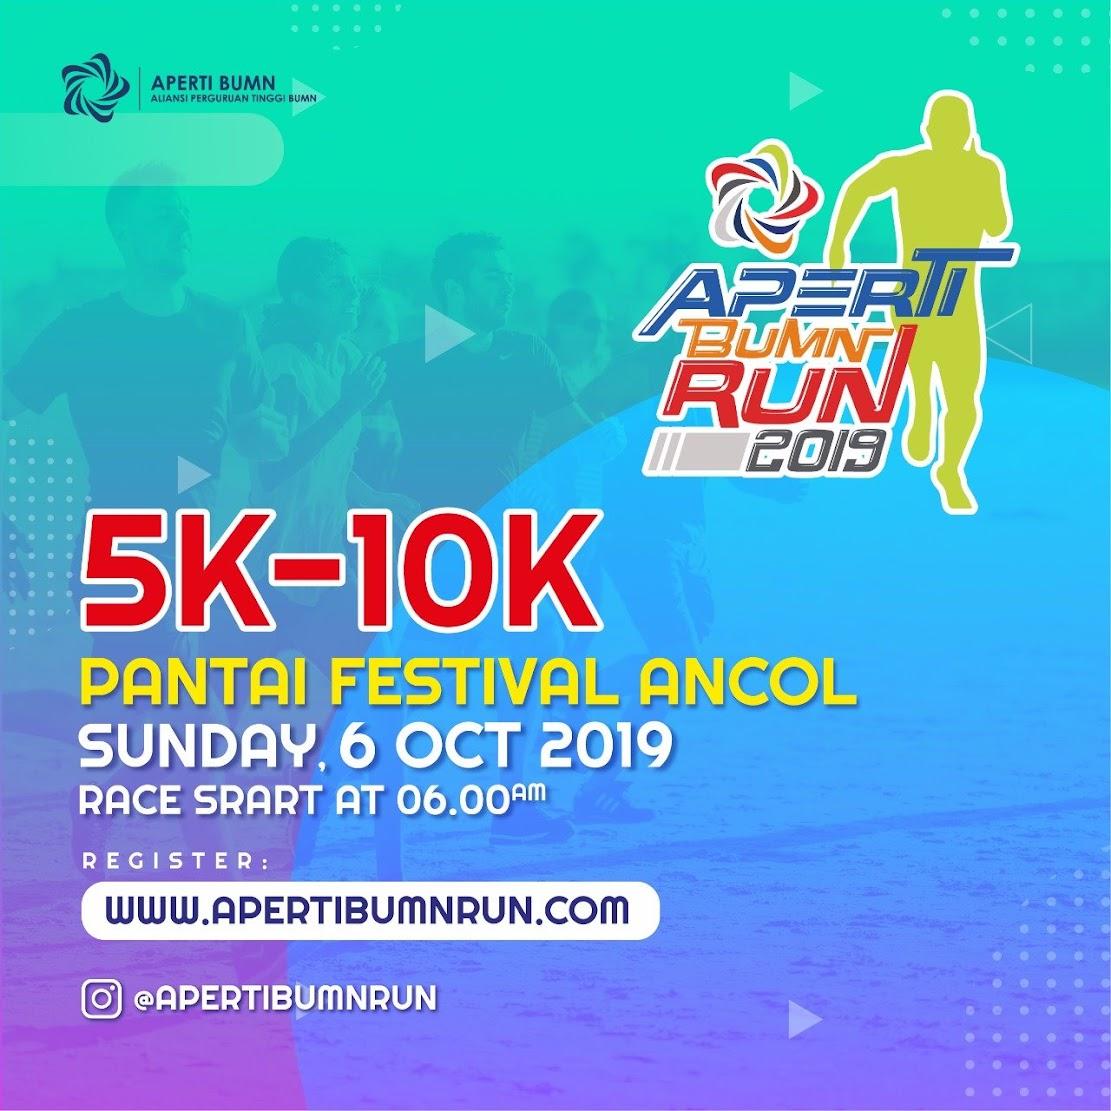 Aperti BUMN Run • 2019